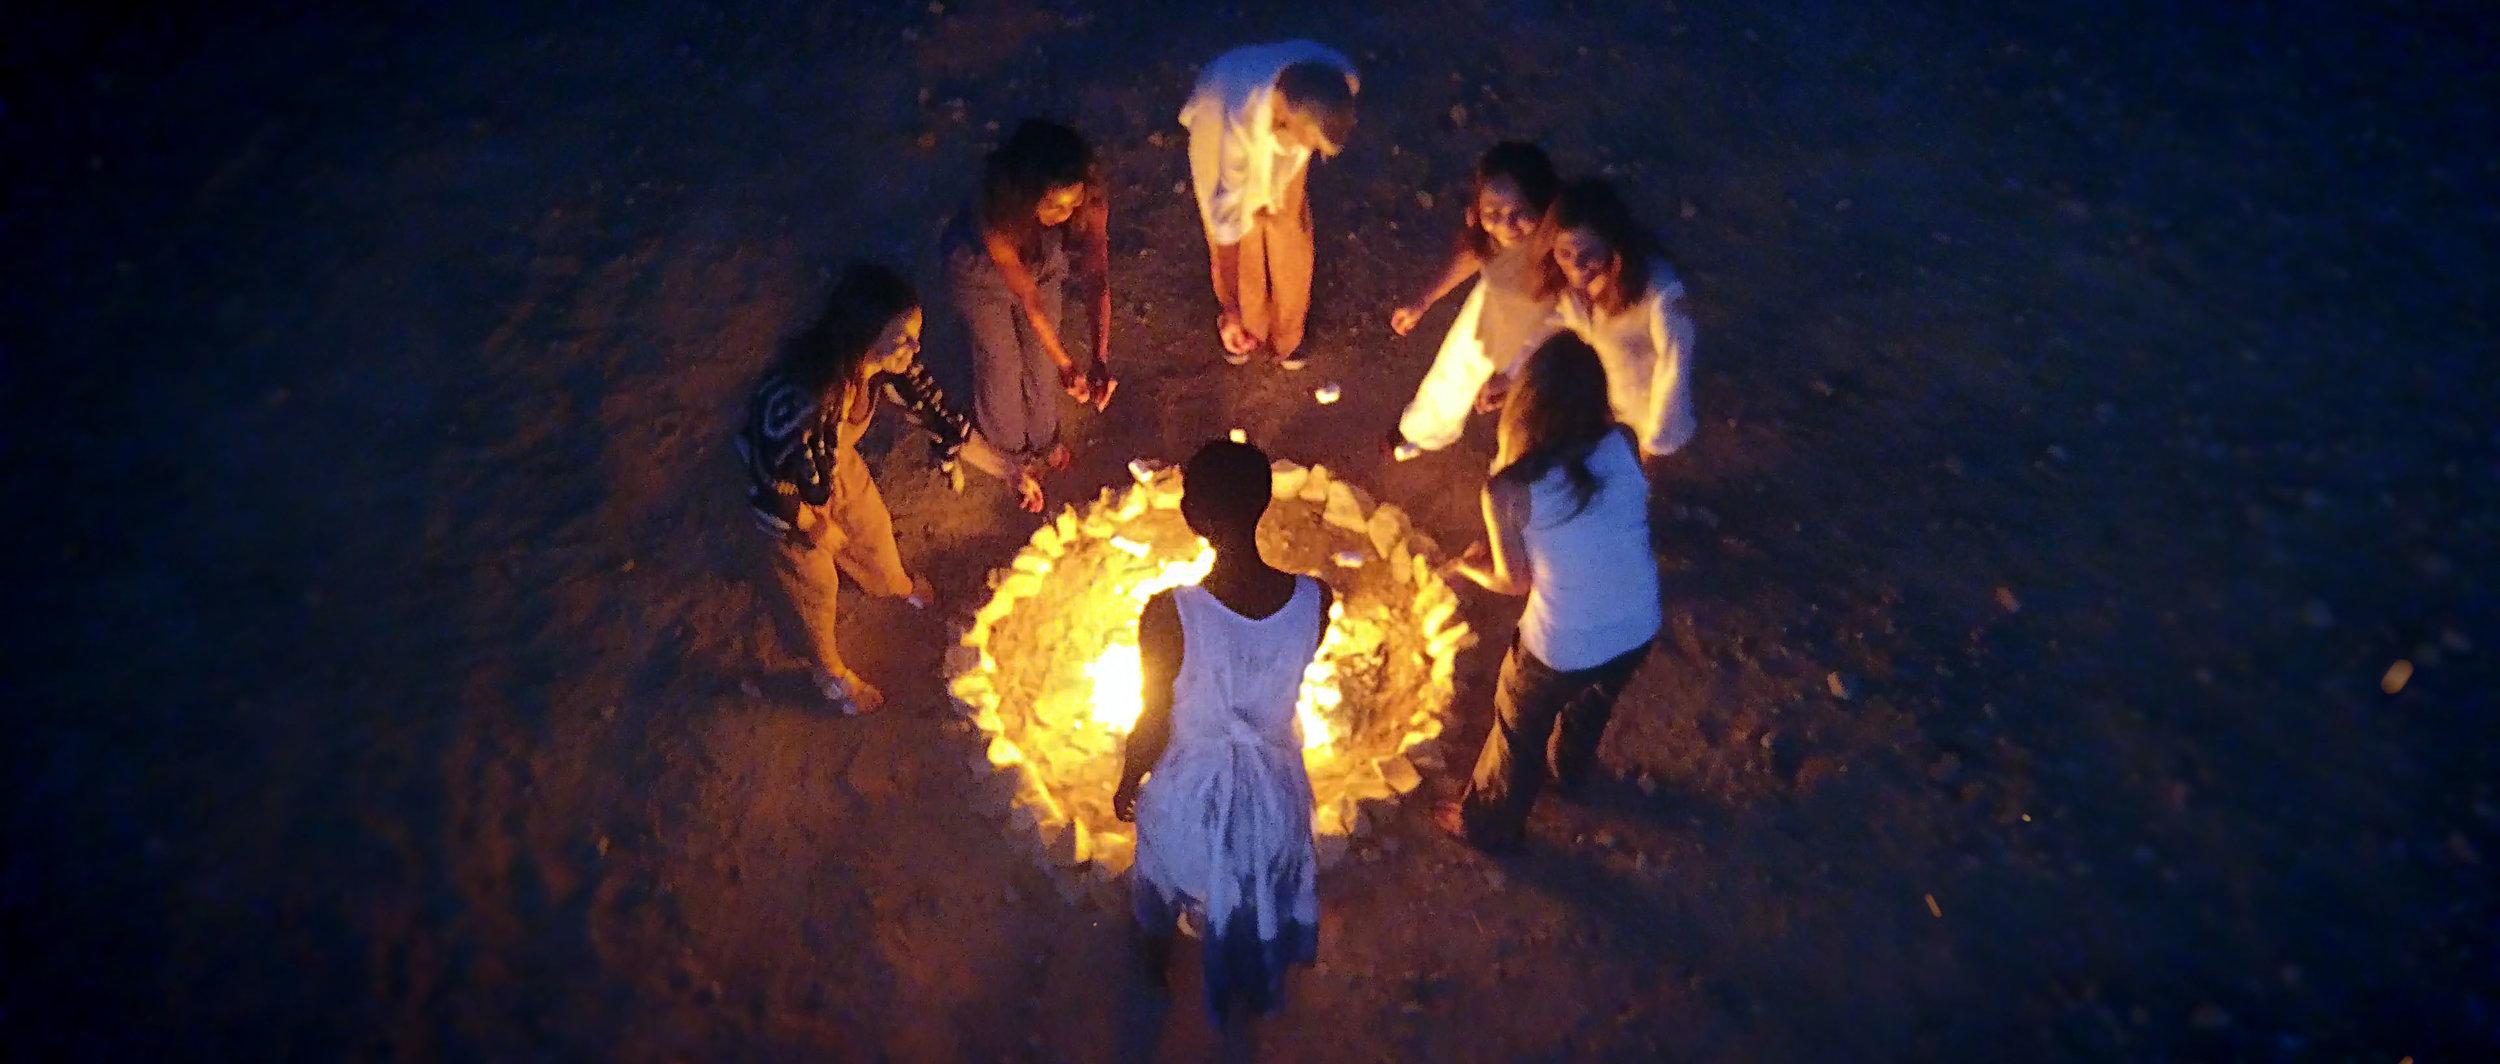 FireStill7.jpg